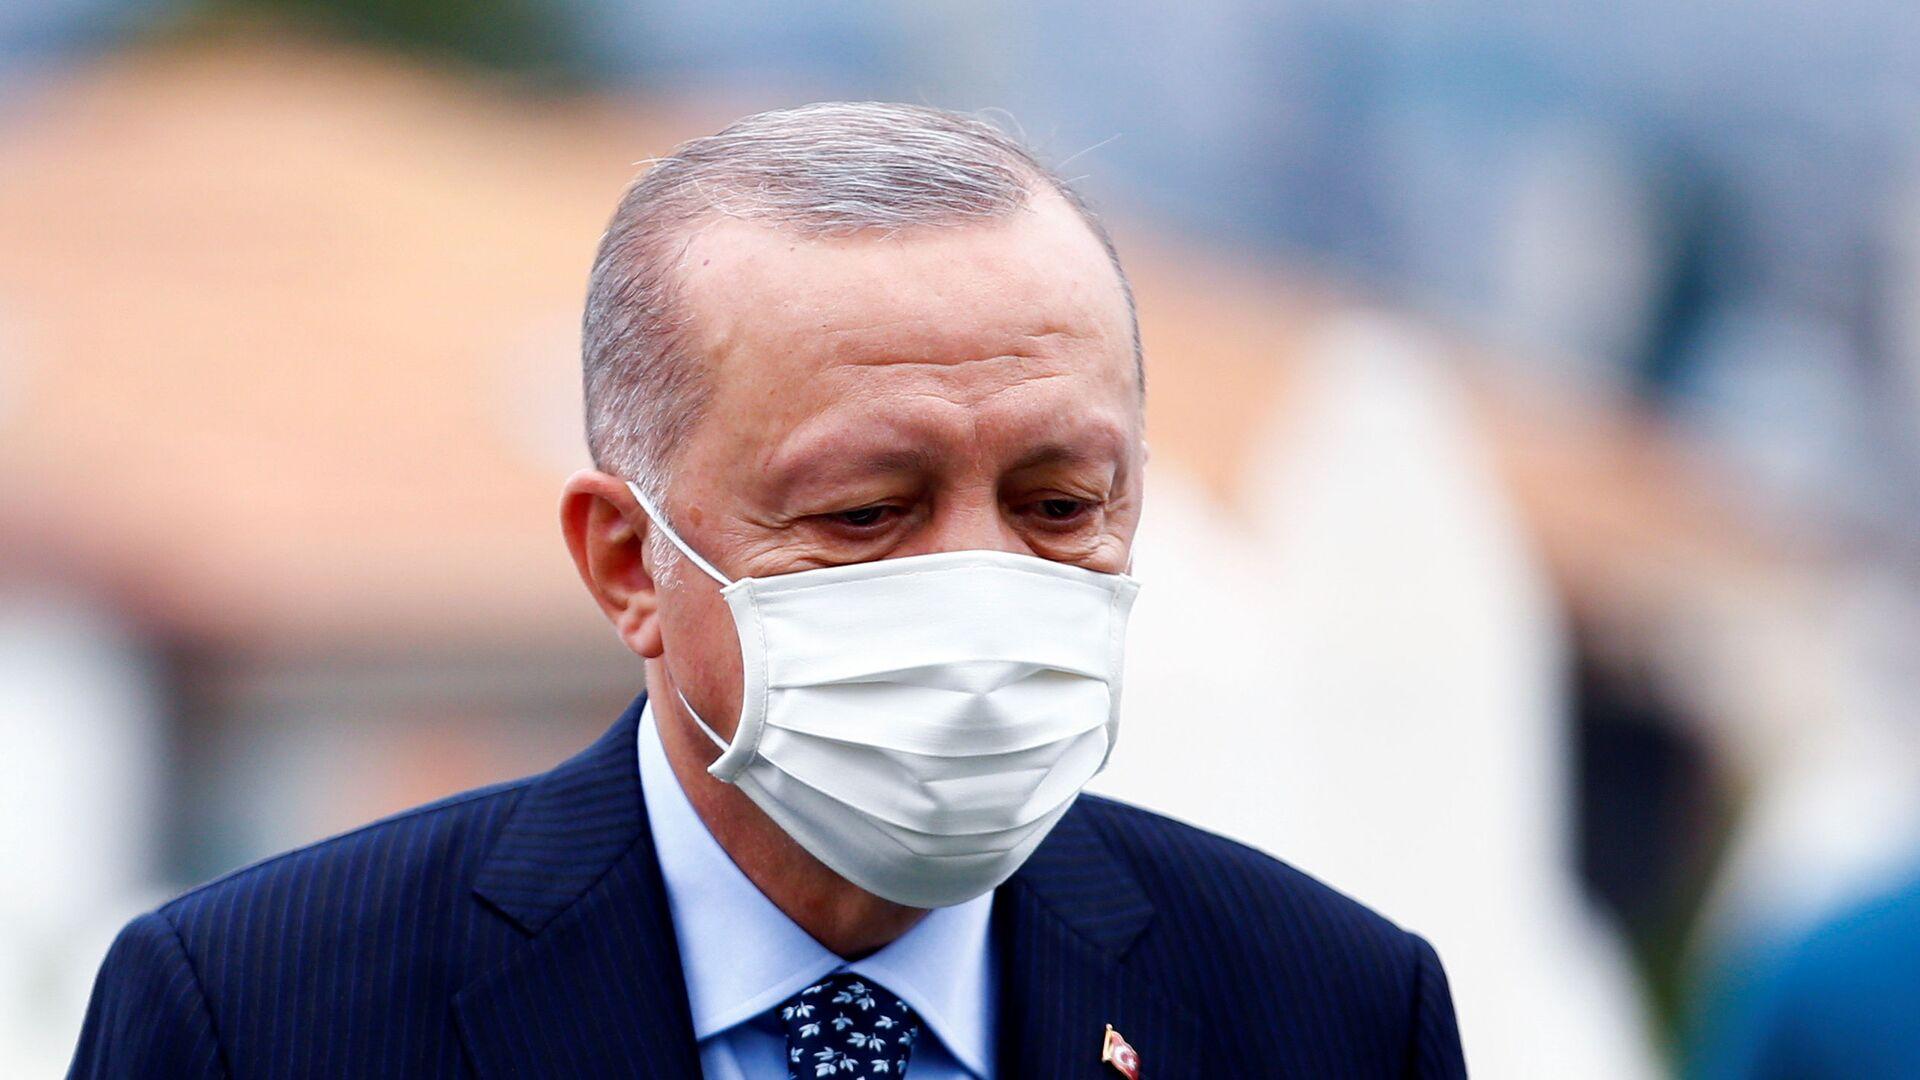 Il presidente turco Recep Tayyip Erdogan in visita a Sarajevo - Sputnik Italia, 1920, 29.08.2021